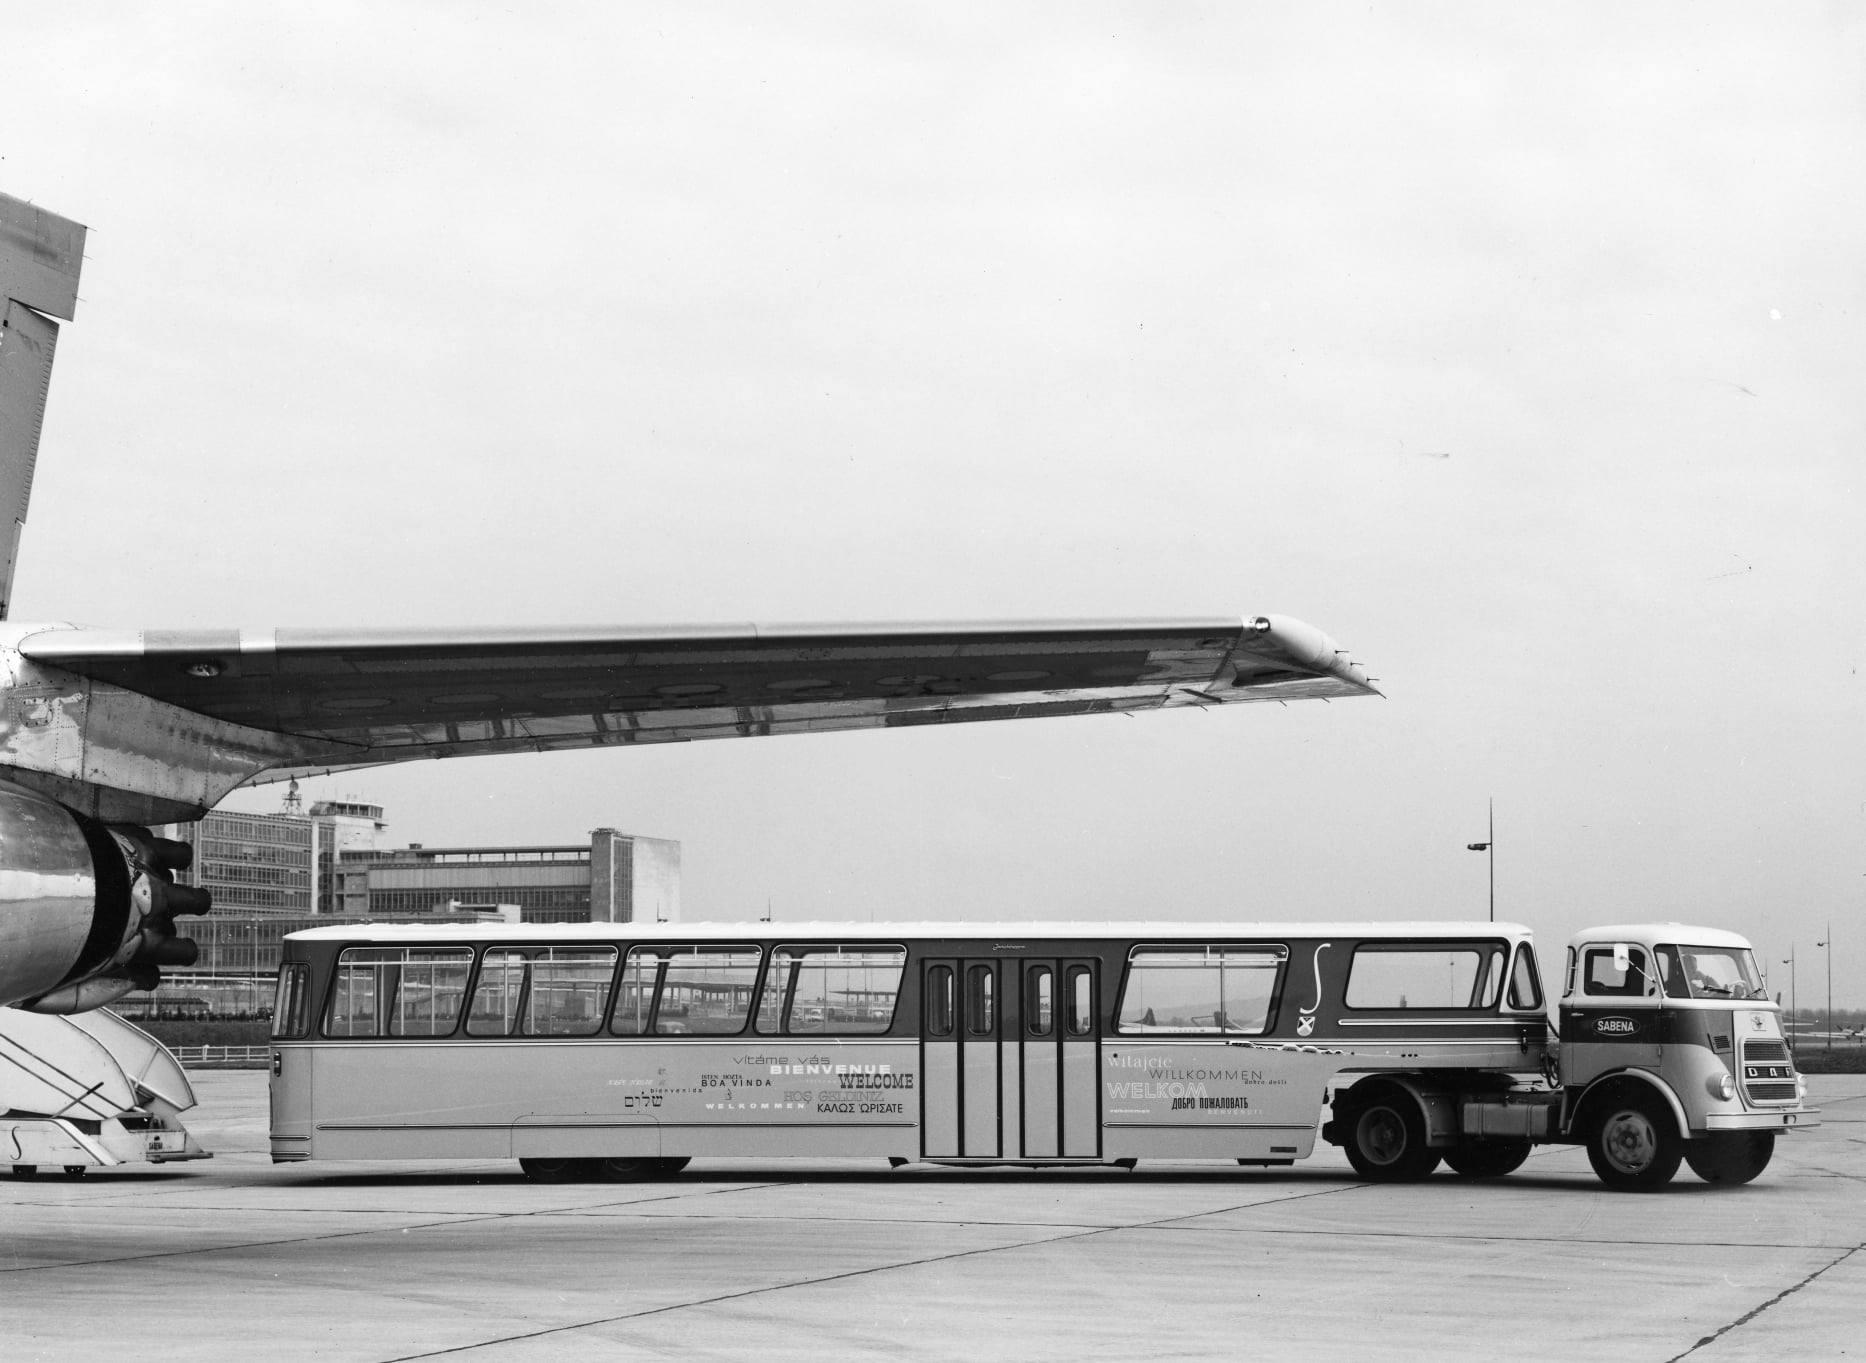 Daf-bus-vliegveld-Zavetem-(1)